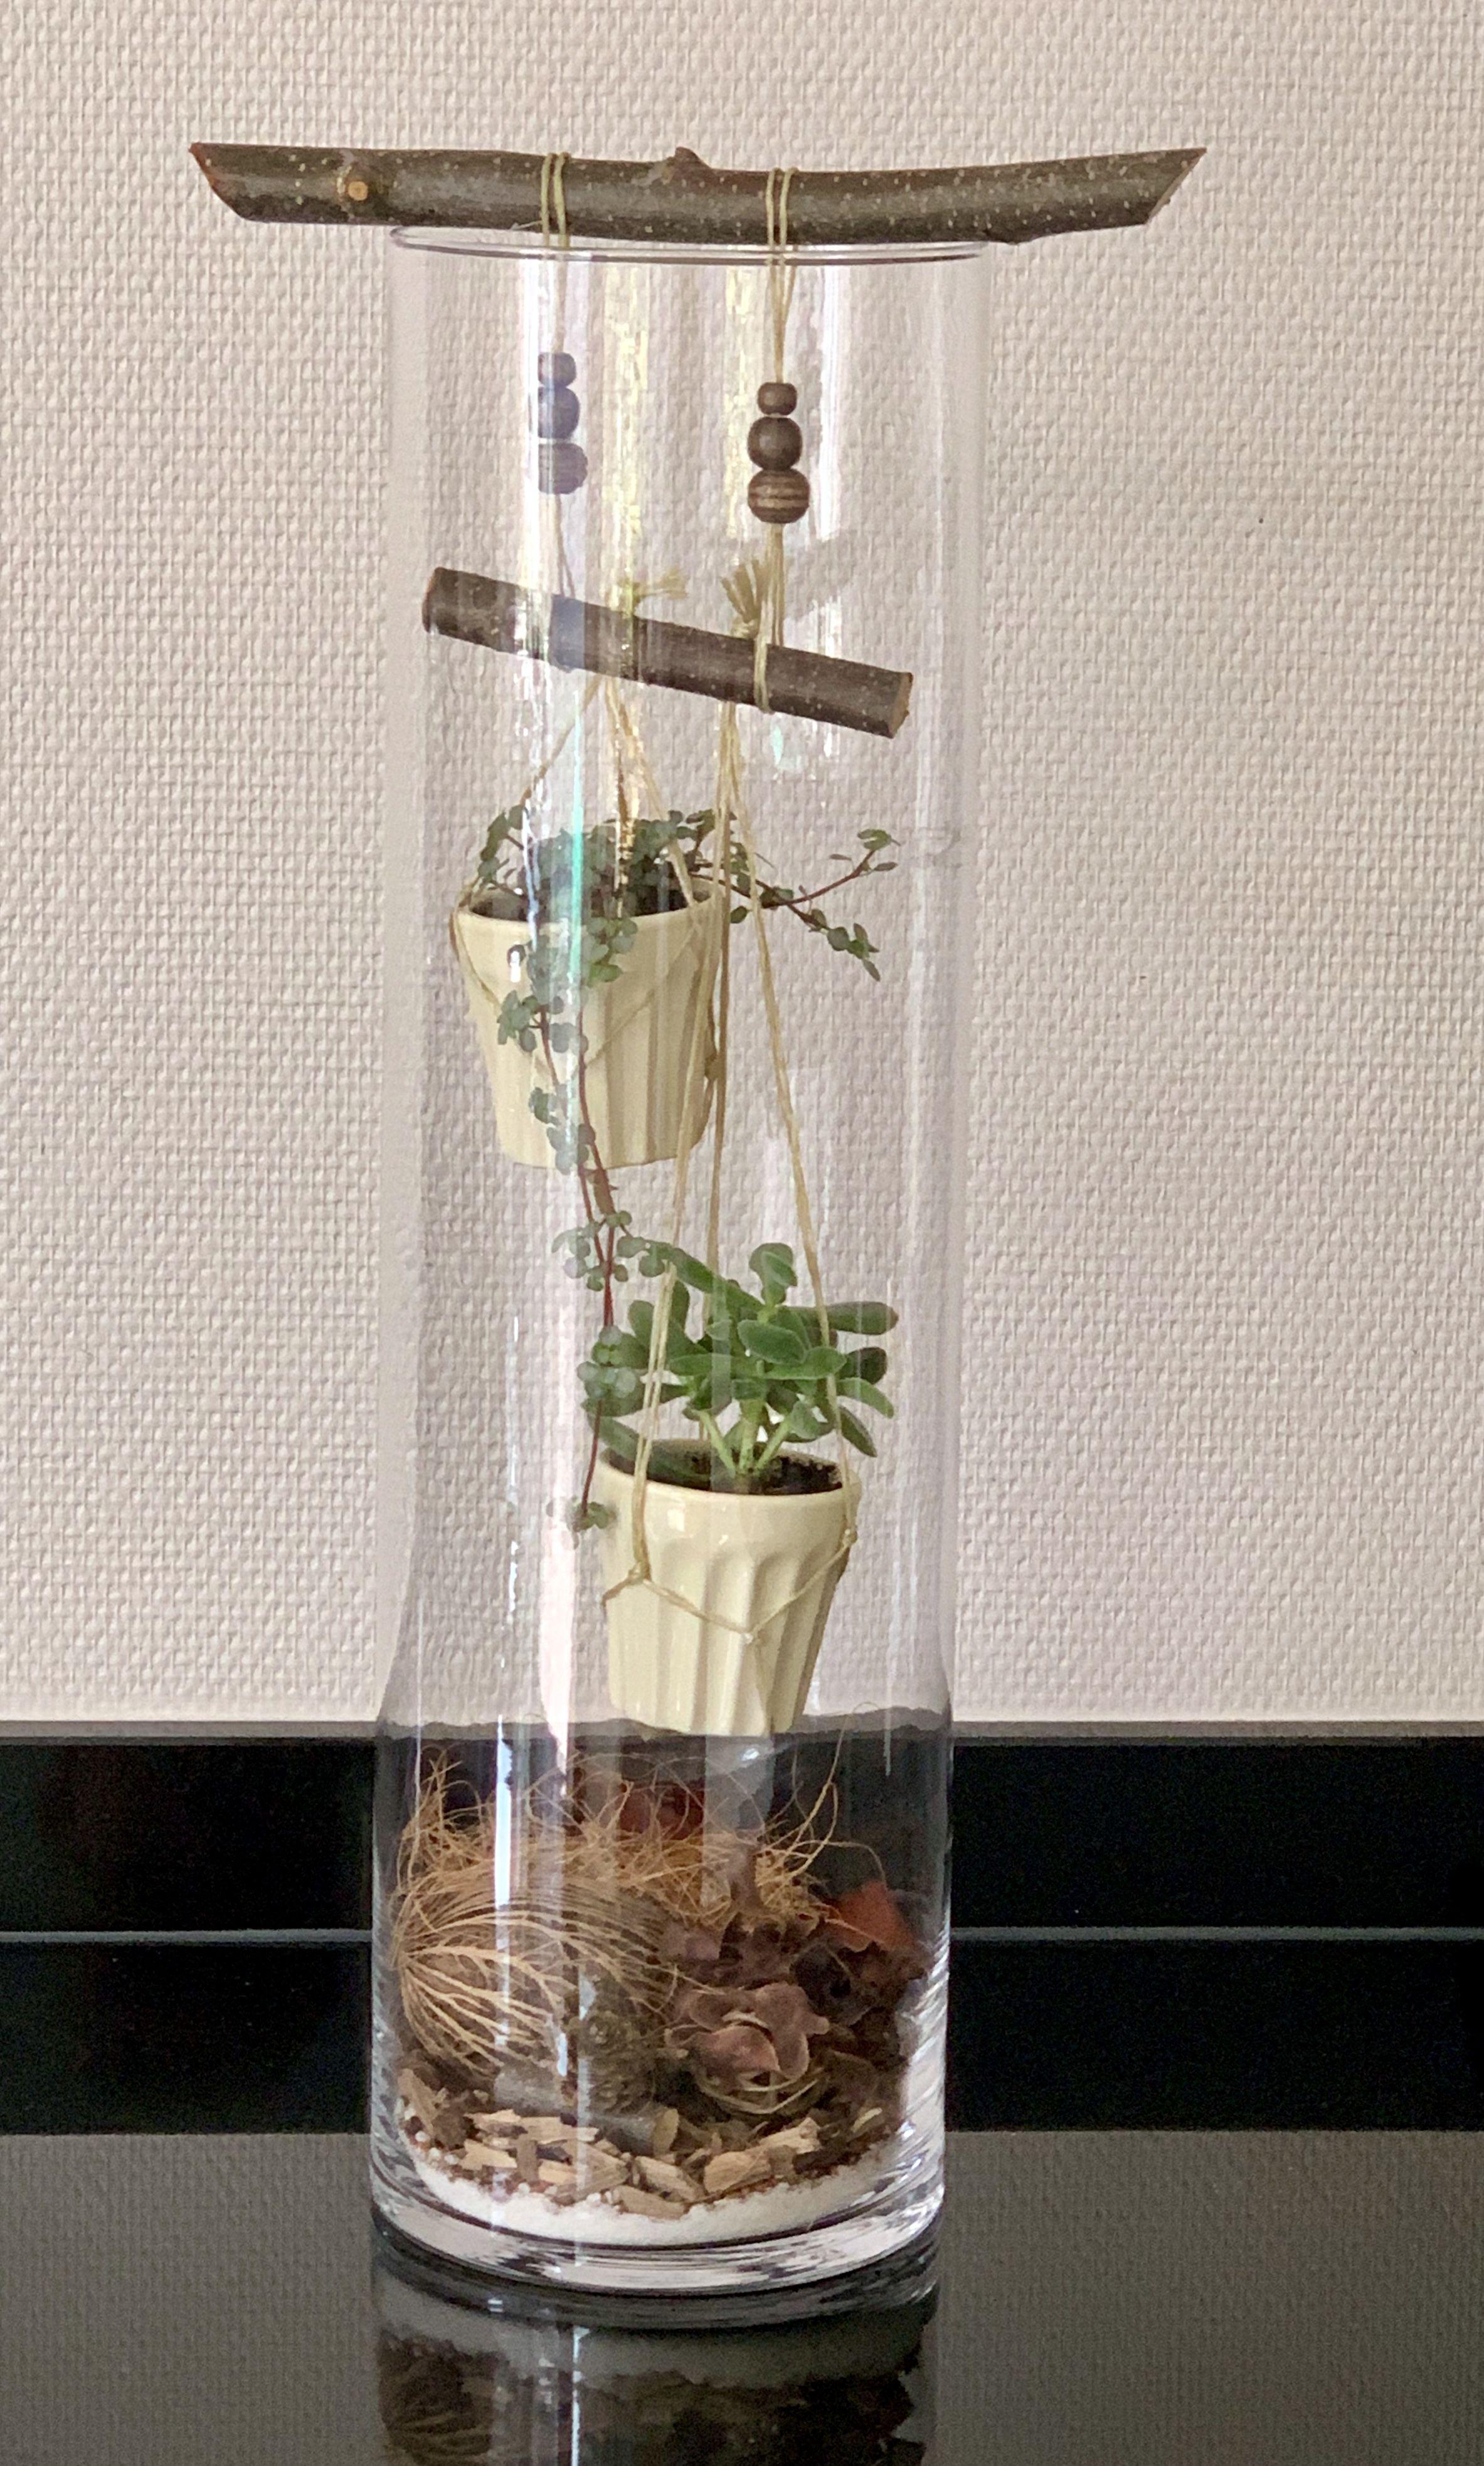 Groen In Hoge Glazen Vaas Glasvasen Dekorieren Zimmerpflanzen Dekor Hohe Glaser Dekorieren